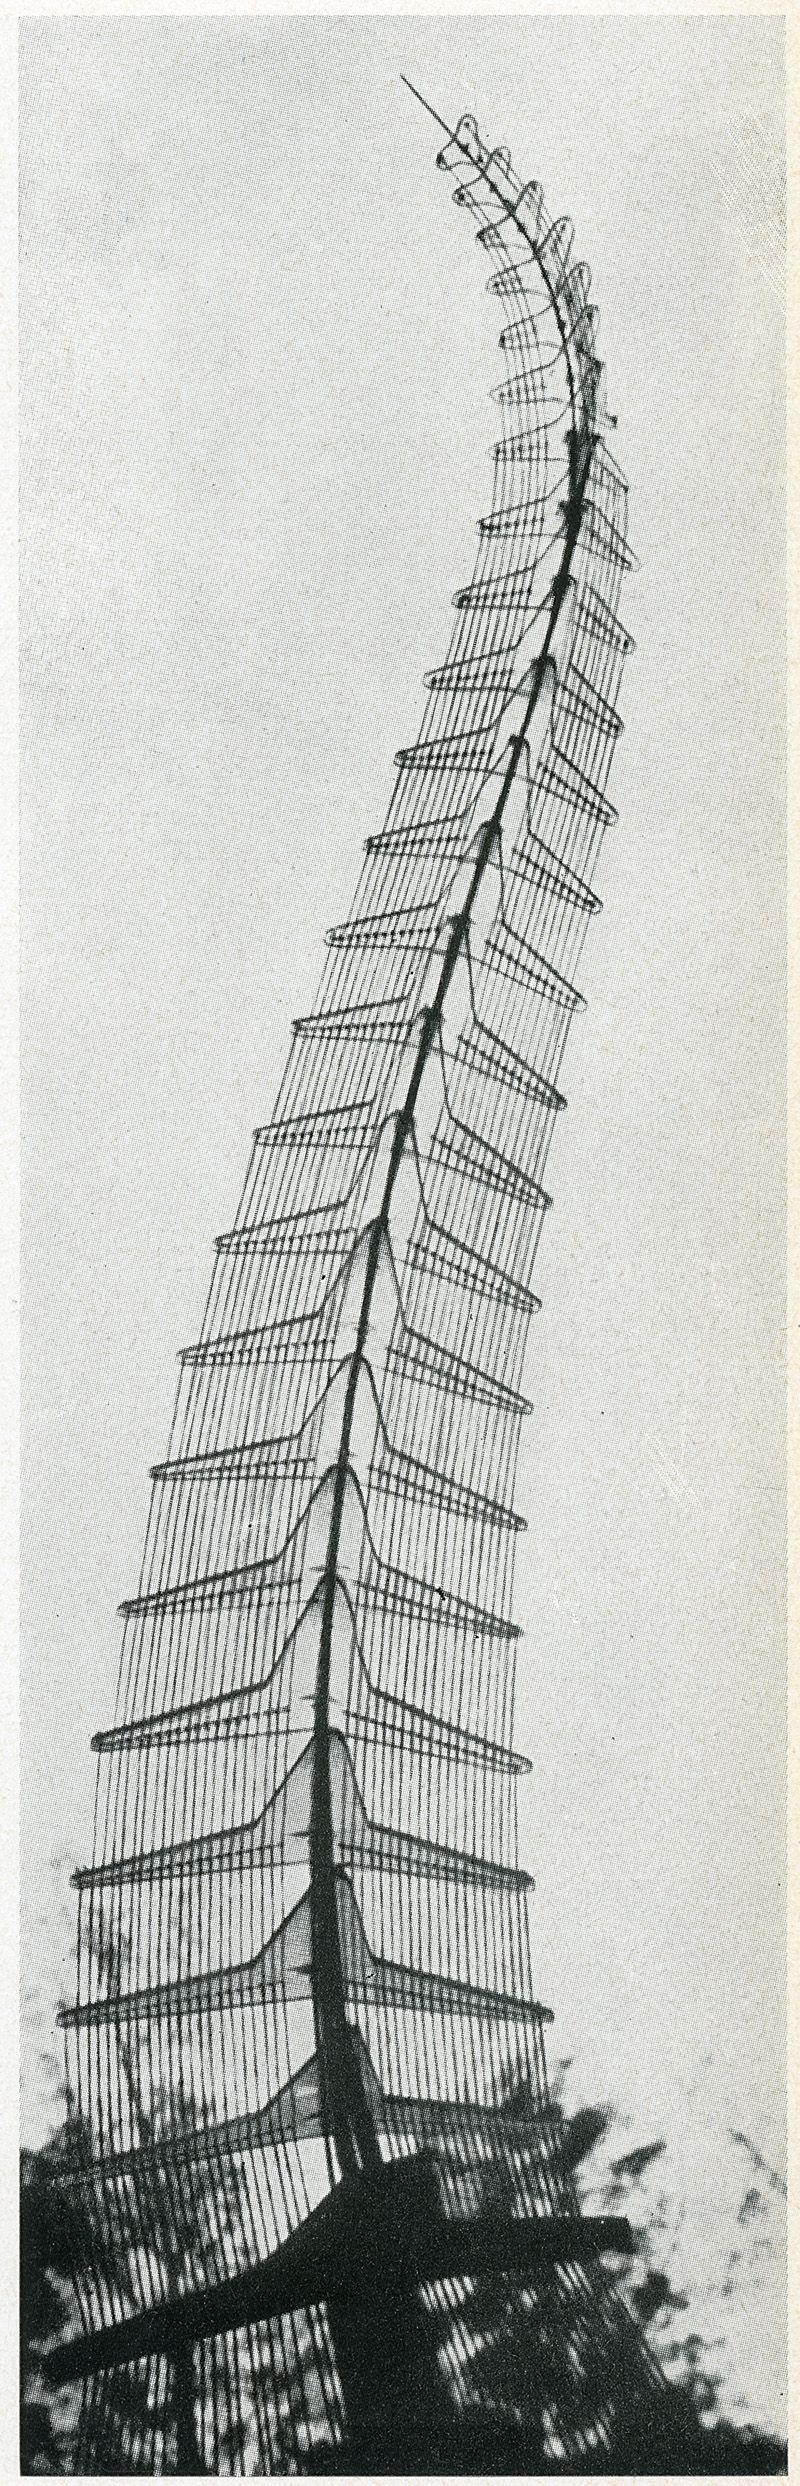 Frei otto casabella 301 1966 39 1960s architecture for Idee architettura interni